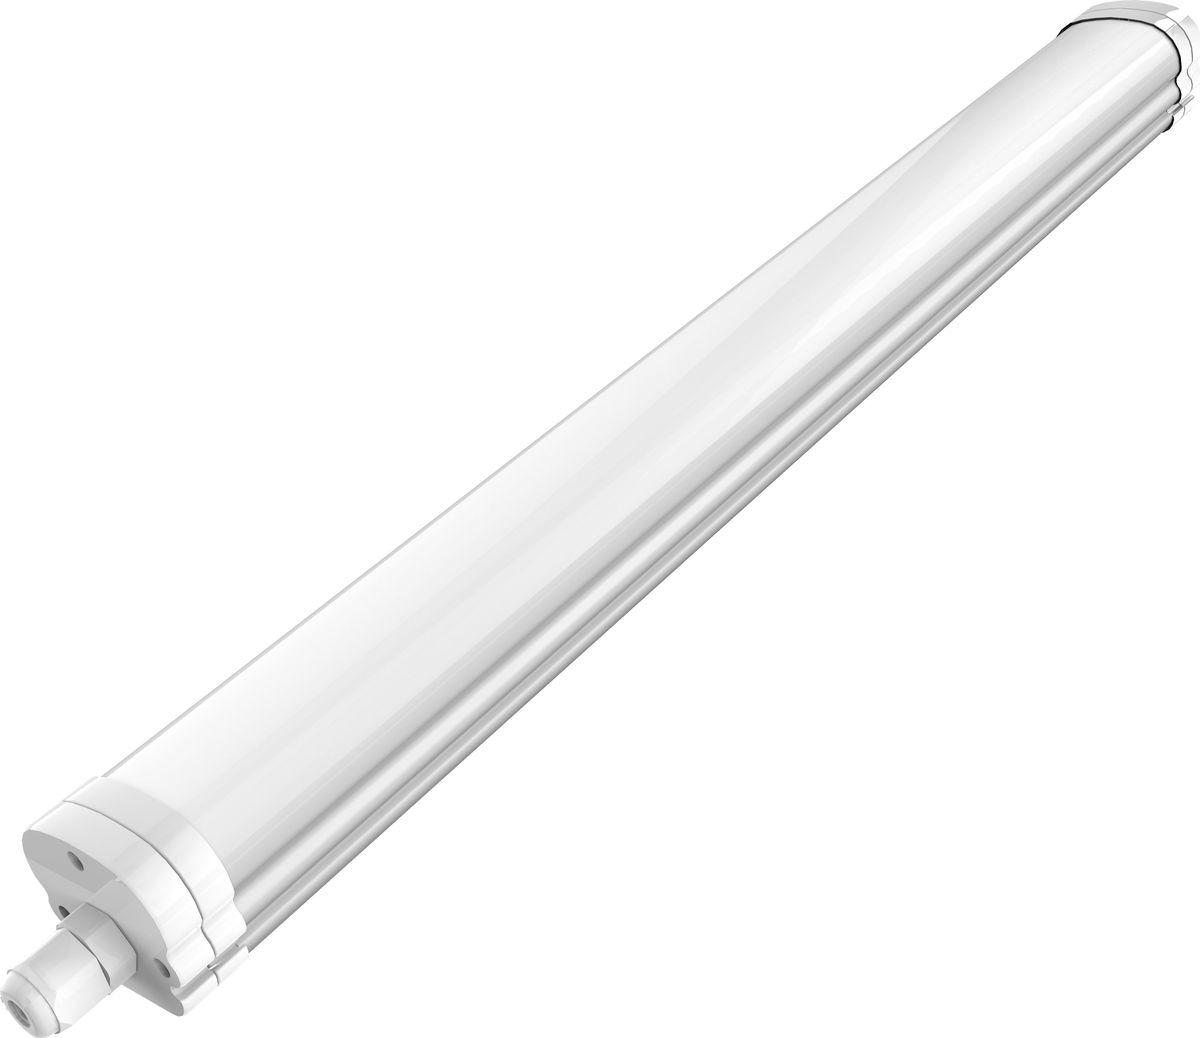 Светильник Gauss светодиодный, 843424218, IP65, 18Вт, 1200Лм, 4000К, 1/20843424218Светодиодные светильники Gauss рекомендованы для оформления освещения в квартирах, офисных учреждениях и зданиях.